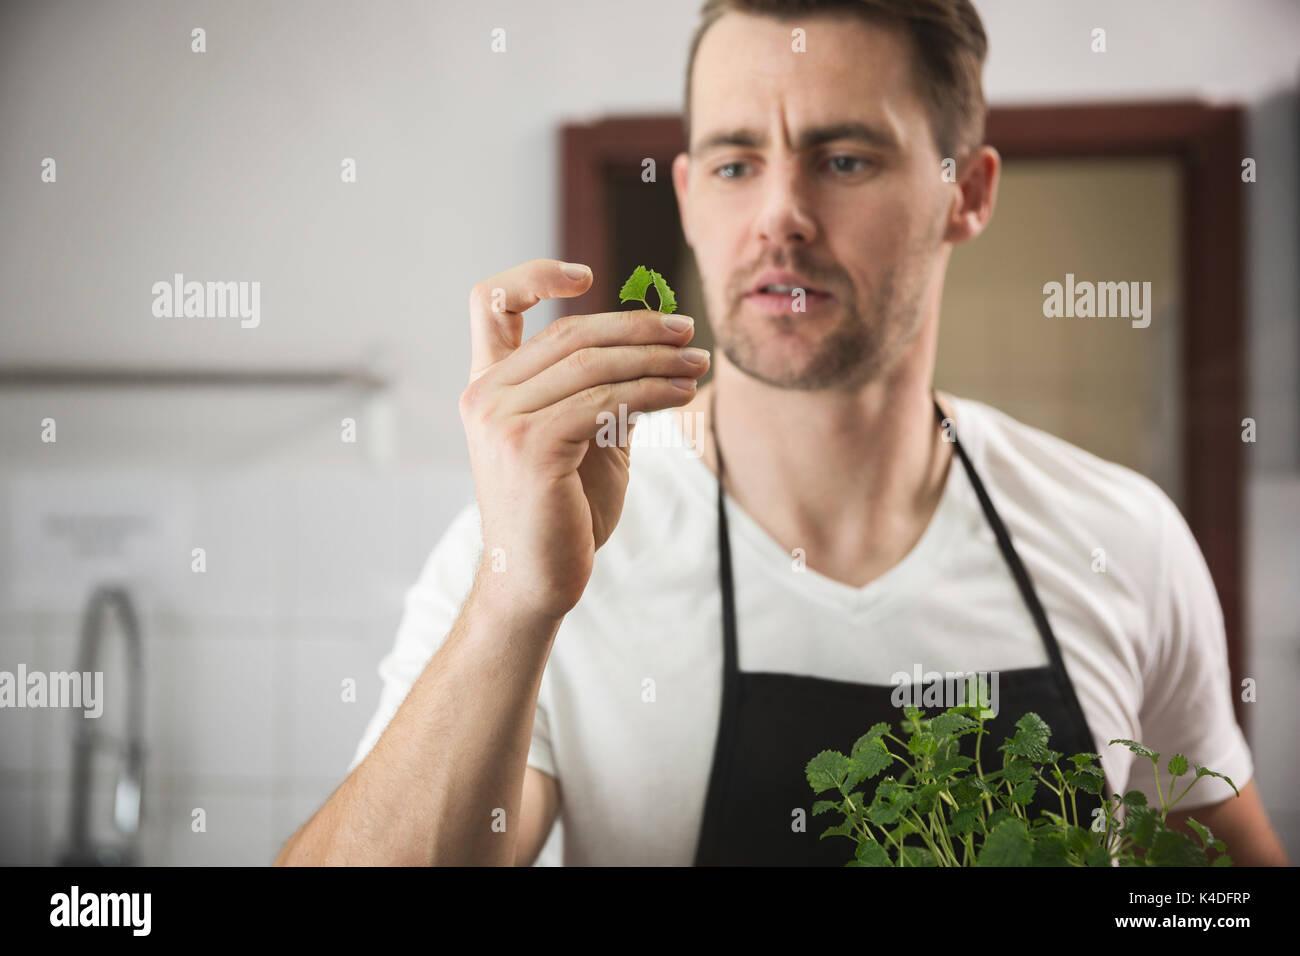 Vordere Portrait von Chef am kleinen Stück Zitronenmelisse in der Küche auf der Suche Stockbild